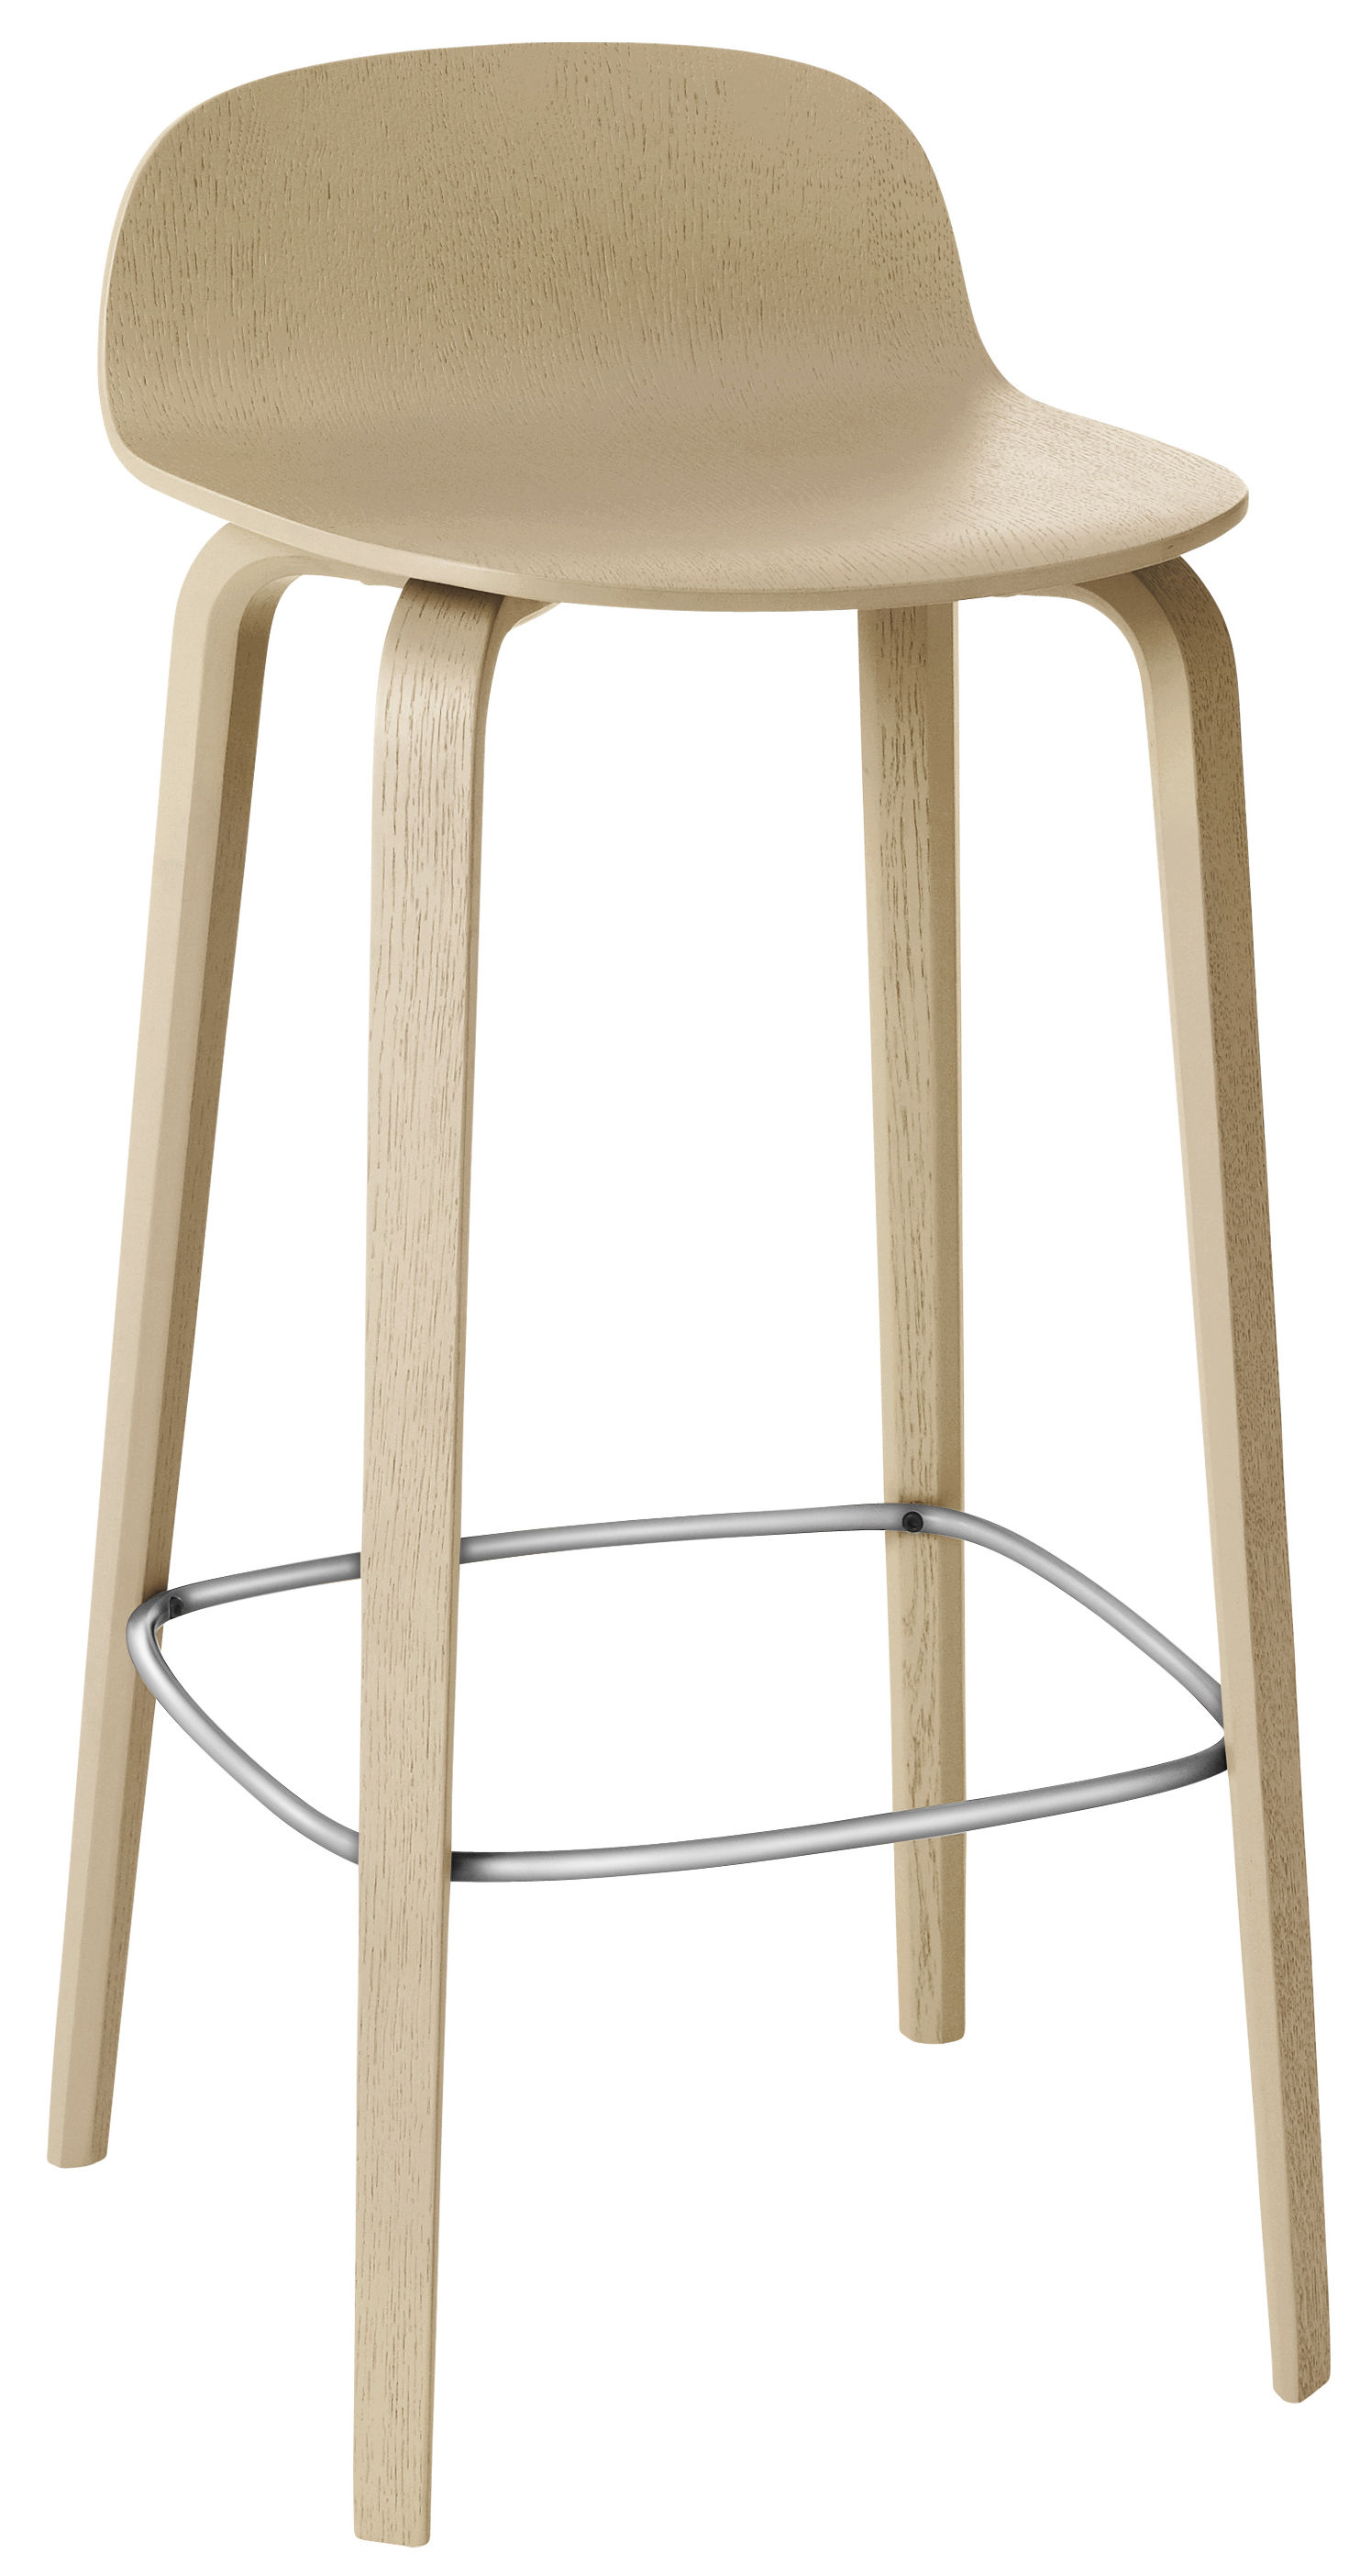 scopri sgabello alto visu h 75cm rovere poggiapiedi acciaio di muuto made in design italia. Black Bedroom Furniture Sets. Home Design Ideas